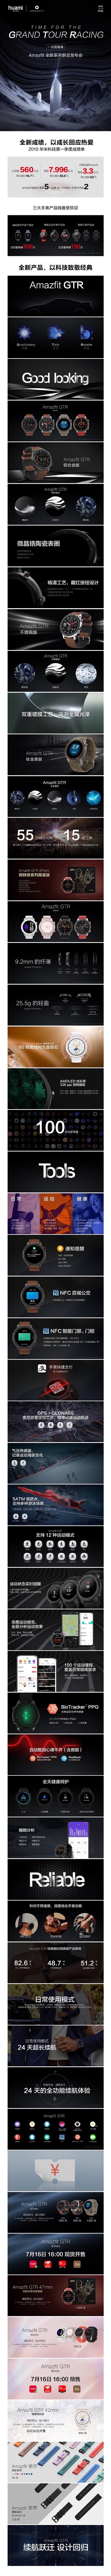 图为华米亚马逊GTR智能手表。